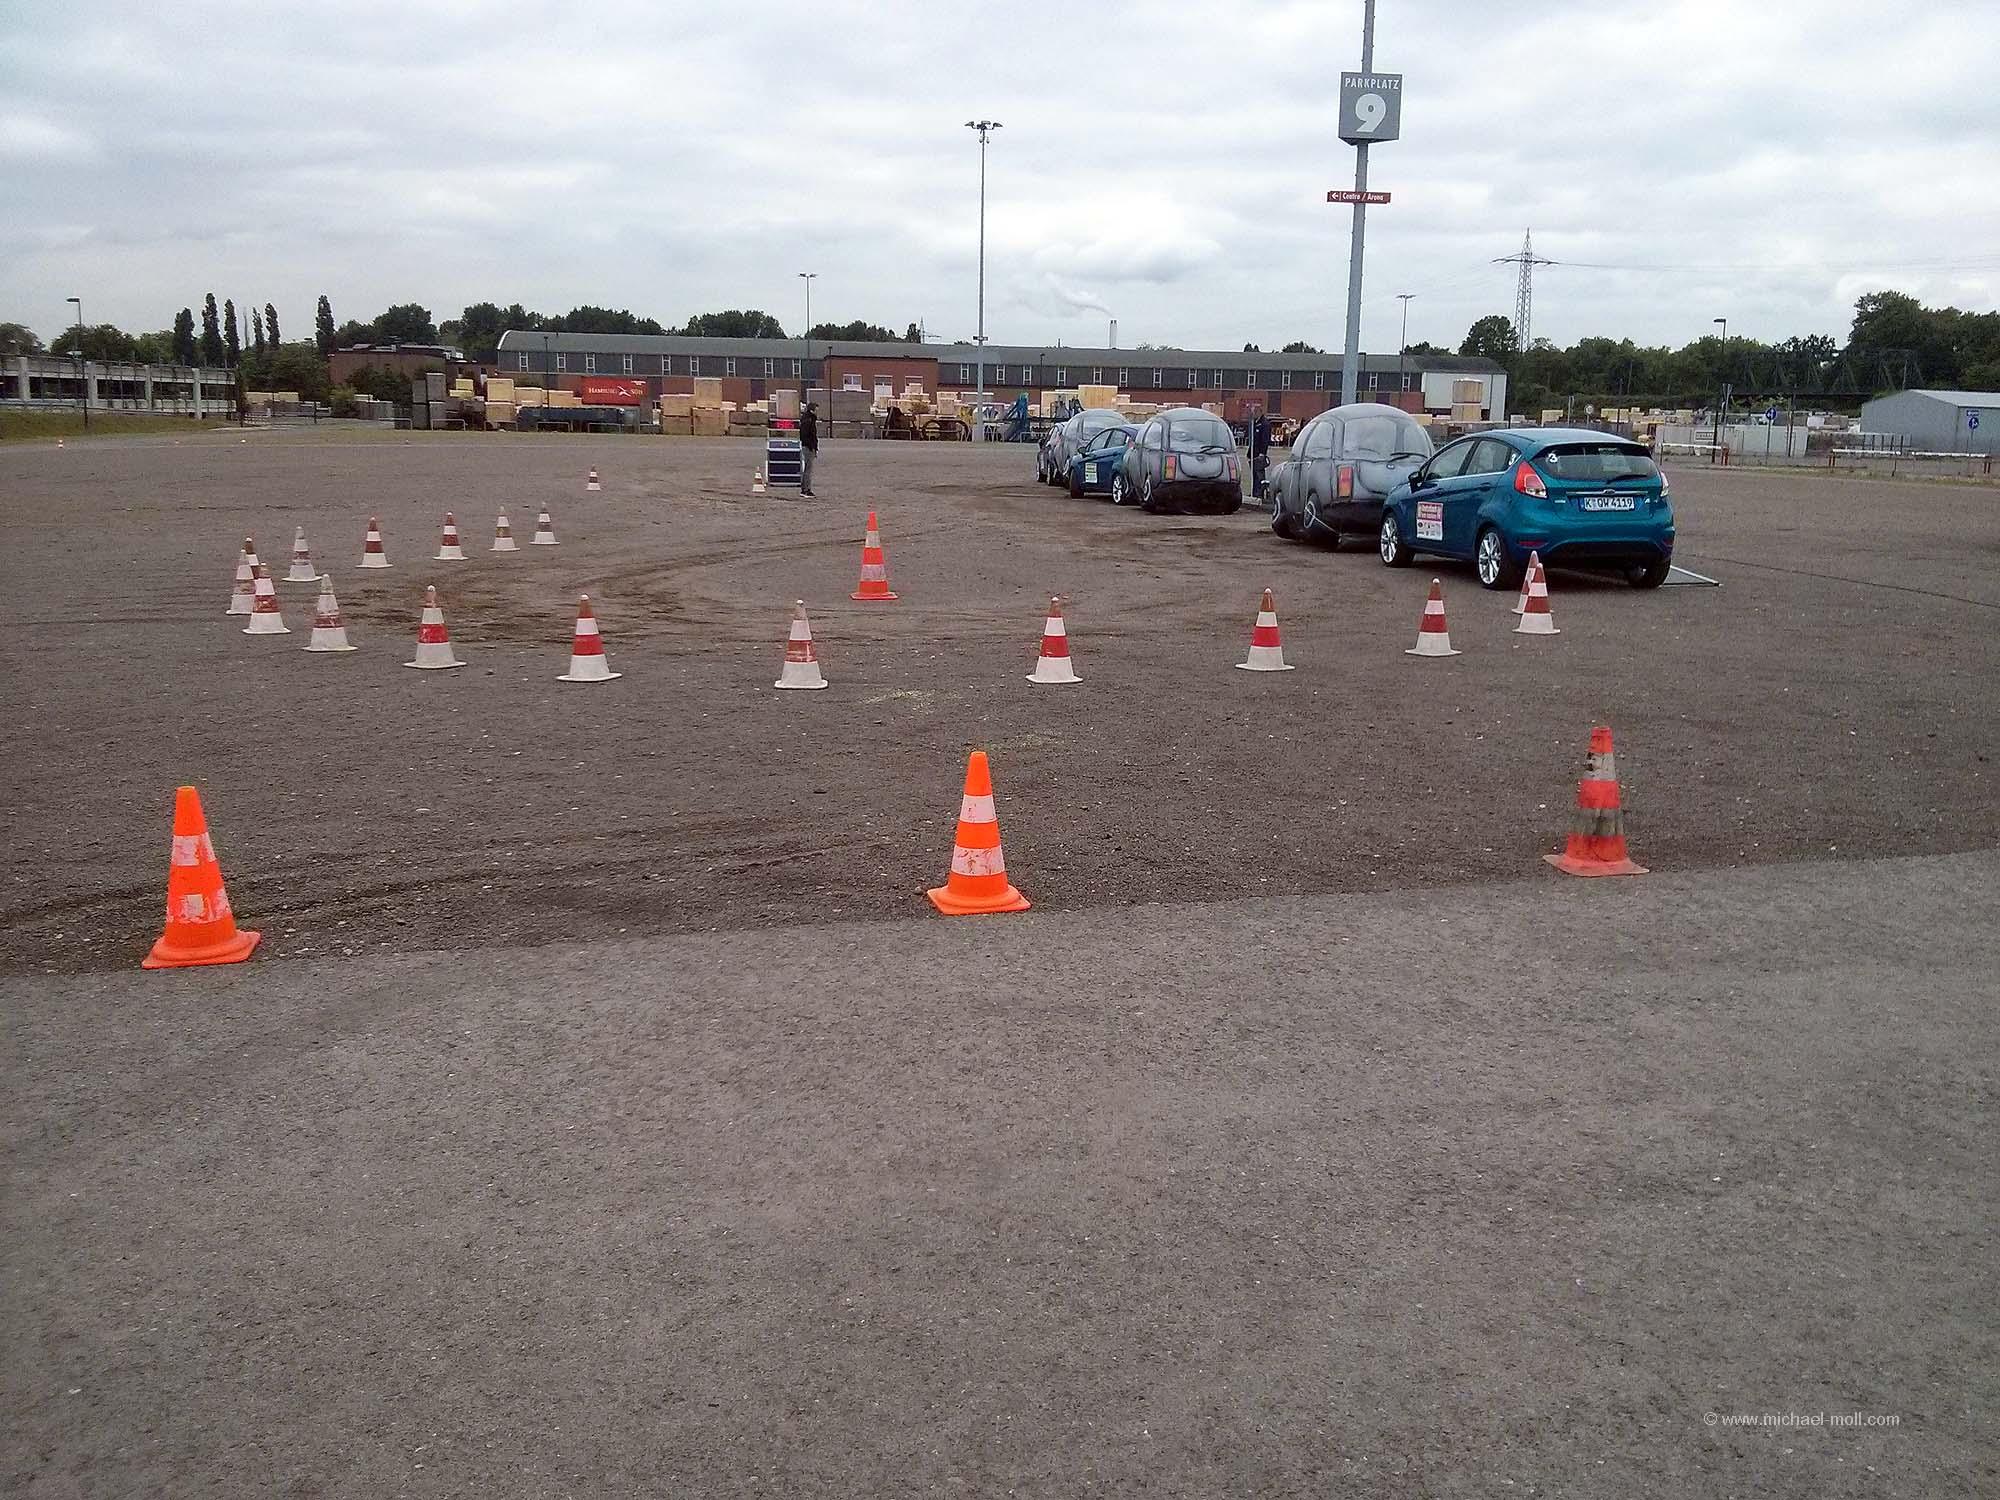 Einparken zwischen aufblasbaren Autos